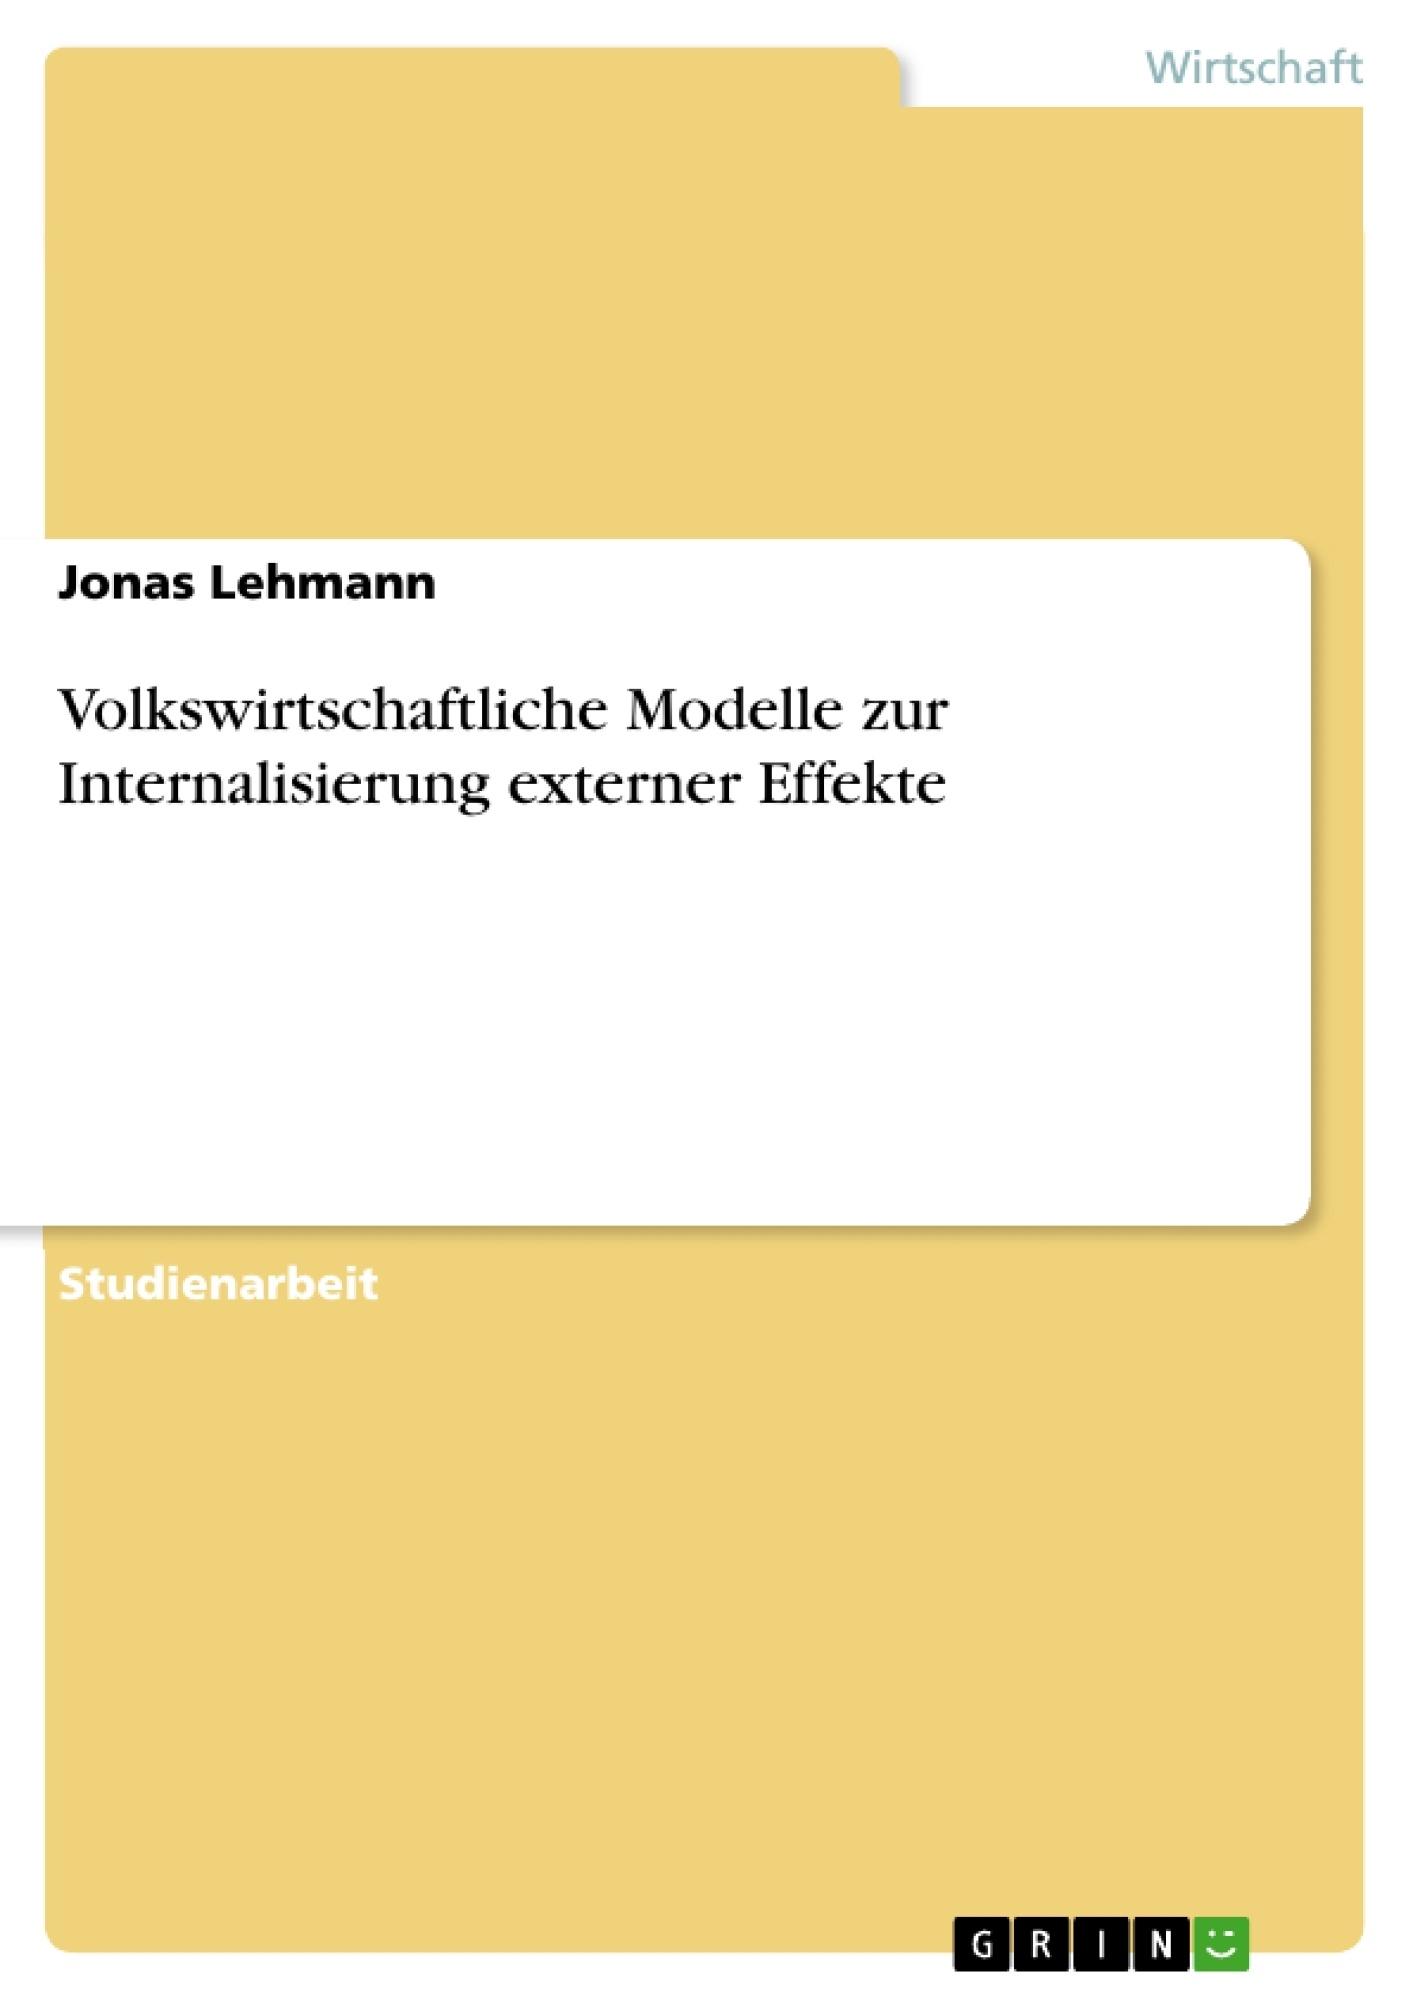 Titel: Volkswirtschaftliche Modelle zur Internalisierung externer Effekte